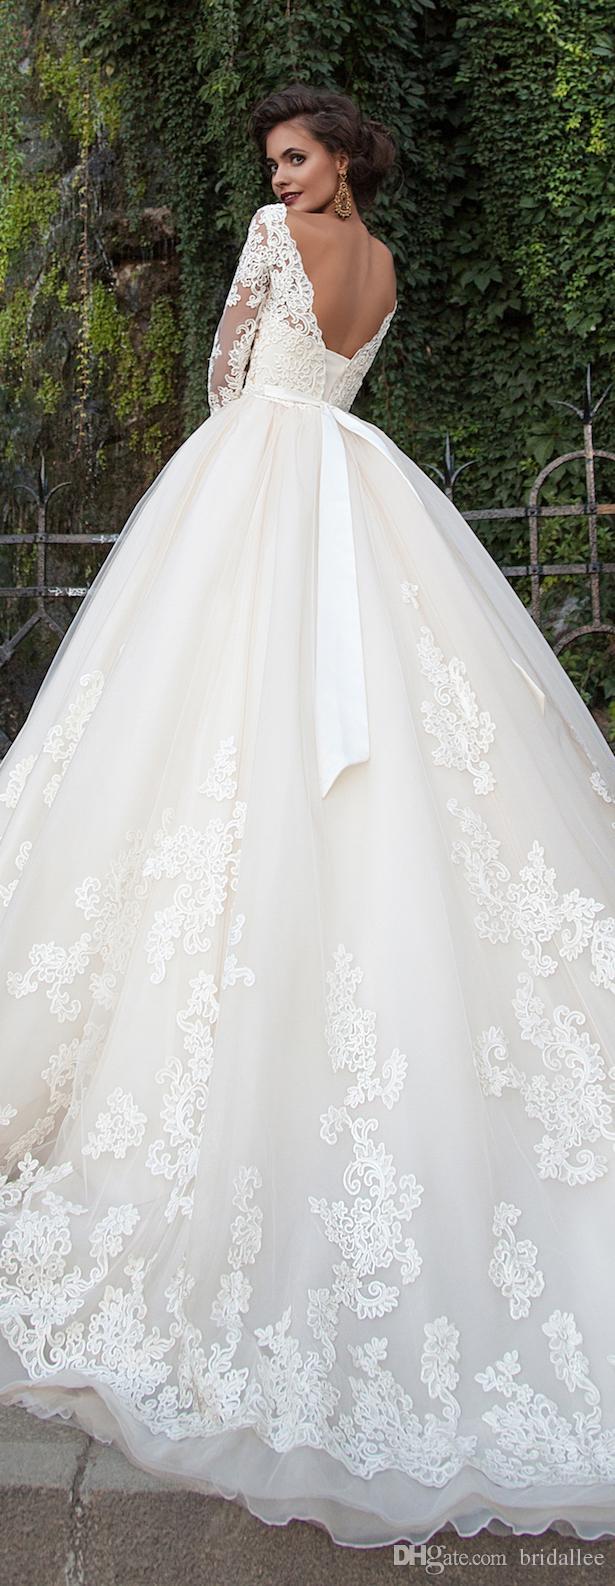 Vestido de noiva Spazzola smerlata Treno Abiti da sposa Appliques in chiffon Abiti da sposa Manica lunga Una linea robe de mariage